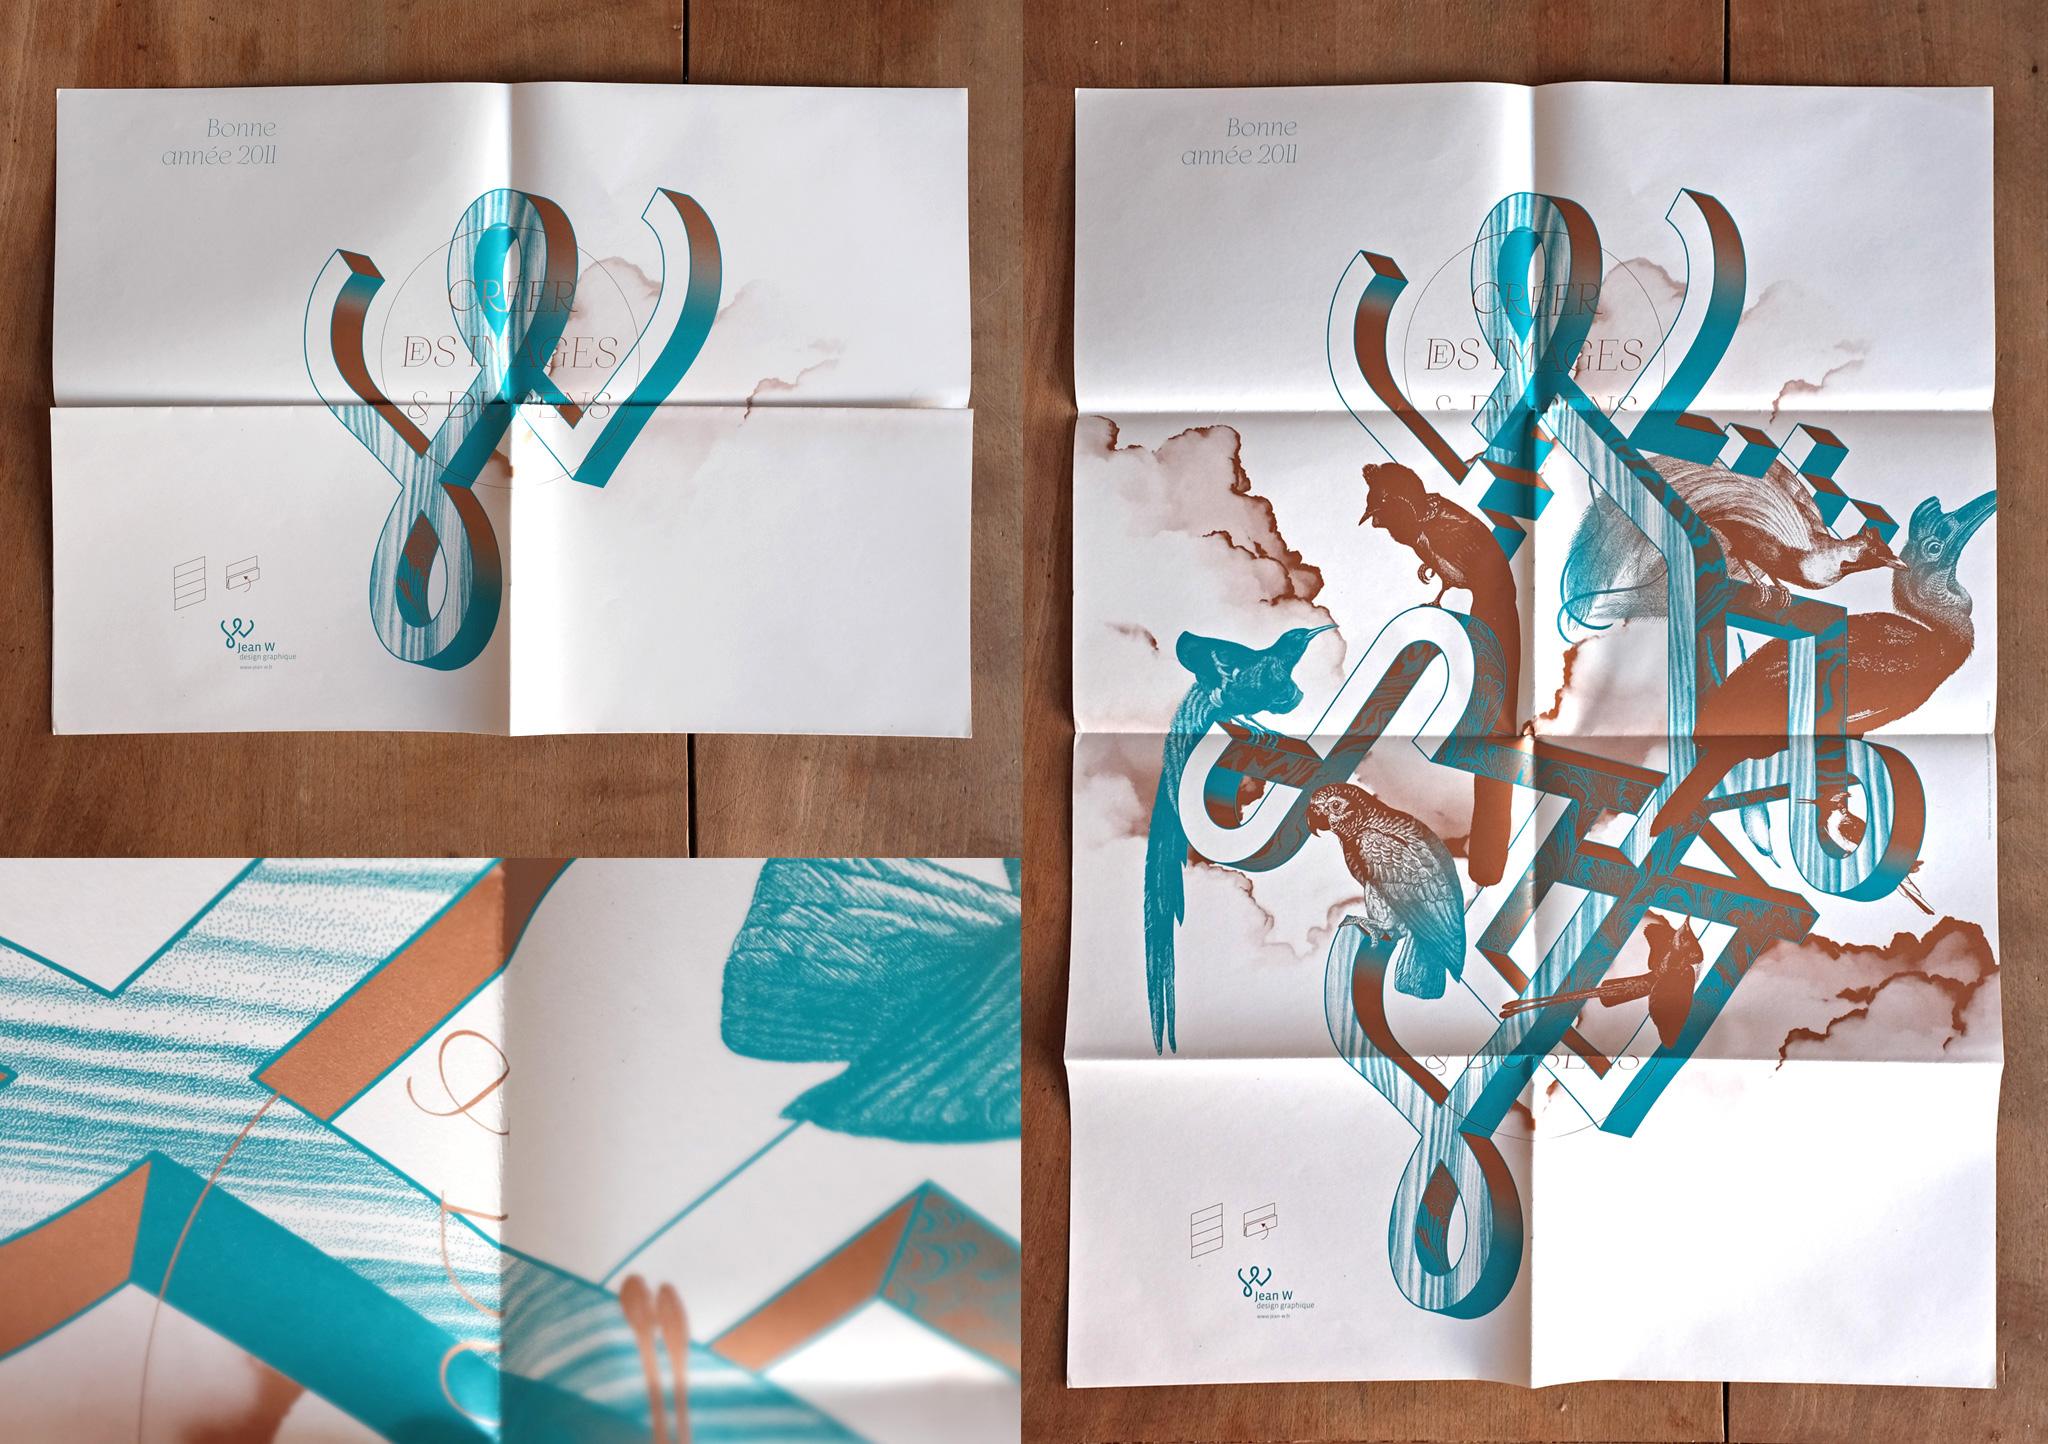 Affiche vœux - 2 couleurs Pantone dont un métal.